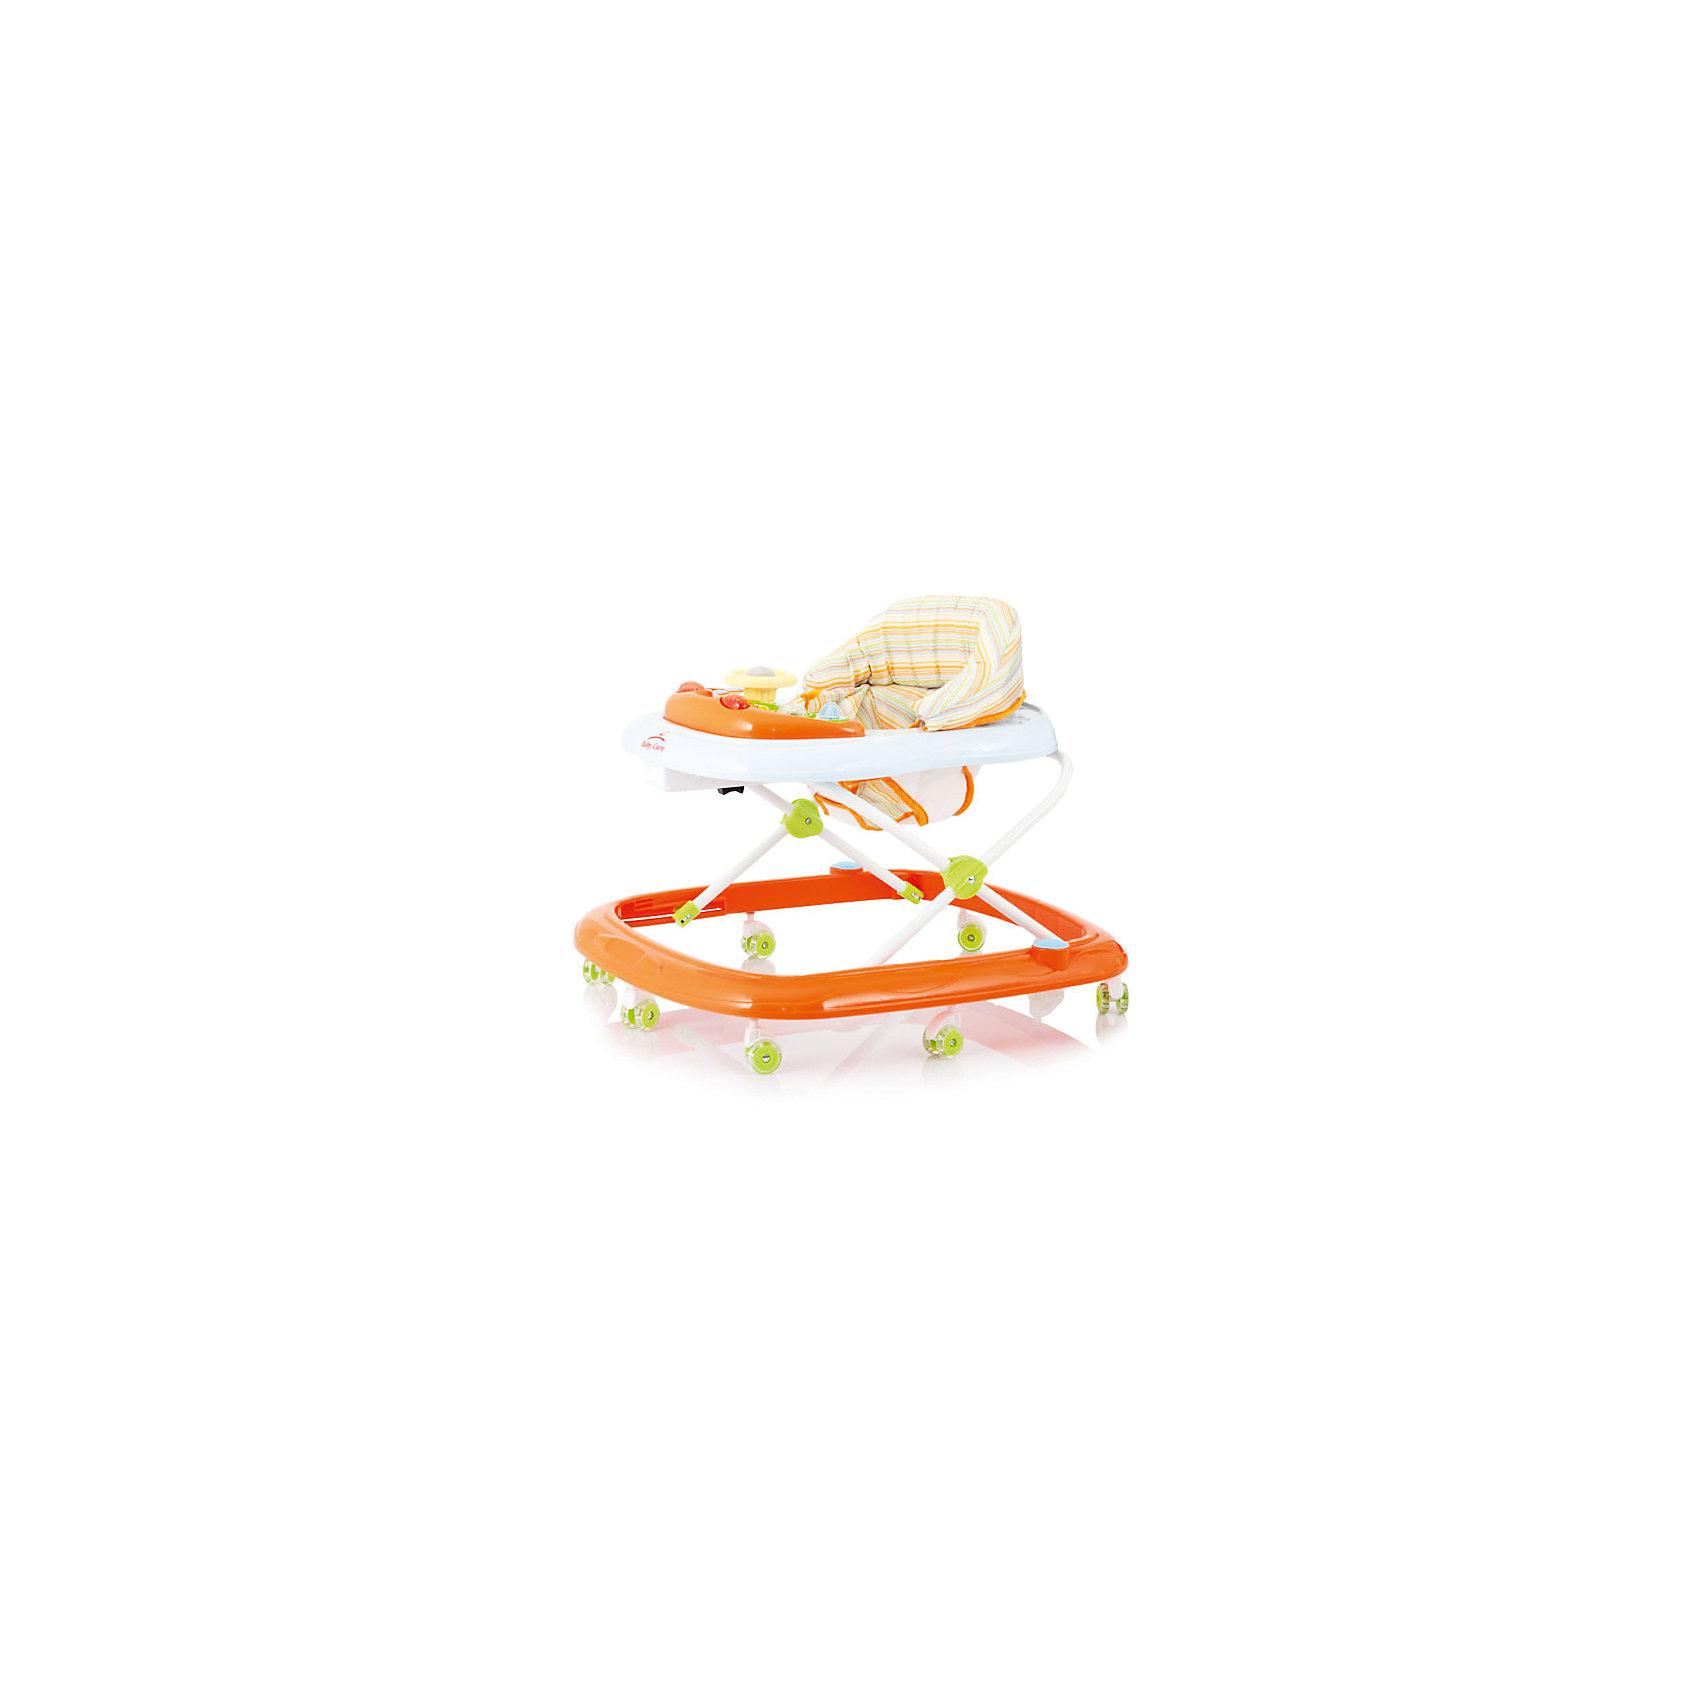 Ходунки Flip, Baby Care, оранжевыйХодунки<br>Характеристики ходунков Baby Care Flip:<br><br>• музыкальная панель;<br>• сиденье мягкое, с жесткой спинкой и паховым ограничителем;<br>• чехлы съемные, стирка при температуре 30 градусов;<br>• высота сиденья регулируется в 4-х положениях;<br>• защита от произвольного складывания;<br>• сдвоенные поворотные колеса со стопорами, 8 пар, материал – силикон;<br>• тип складывания ходунков: гармошка;<br>• размер ходунков в разложенном виде: 64х60х54 см;<br>• размер ходунков в сложенном виде: 64х60х28 см;<br>• вес ходунков: 2,8 кг;<br>• допустимый вес ребенка: до 12 кг;<br>• возраст ребенка: от 6 до 18 месяцев;<br>• размер упаковки: 54x10x58 см;<br>• вес упаковки: 3,8 кг.<br><br>Устойчивая конструкция ходунков Baby Care Flip позволяет полностью обезопасить кроху от опрокидывания, когда малыш находится в креслице ходунков. Съемная музыкальная панель развивает логическое мышление, слуховое восприятие. Складная и компактная модель – ходунки удобно хранить в сложенном виде, не занимают много места. <br><br>Ходунки Flip, Baby Care, оранжевые можно купить в нашем интернет-магазине.<br><br>Ширина мм: 640<br>Глубина мм: 580<br>Высота мм: 100<br>Вес г: 3000<br>Возраст от месяцев: 6<br>Возраст до месяцев: 180<br>Пол: Унисекс<br>Возраст: Детский<br>SKU: 4028918